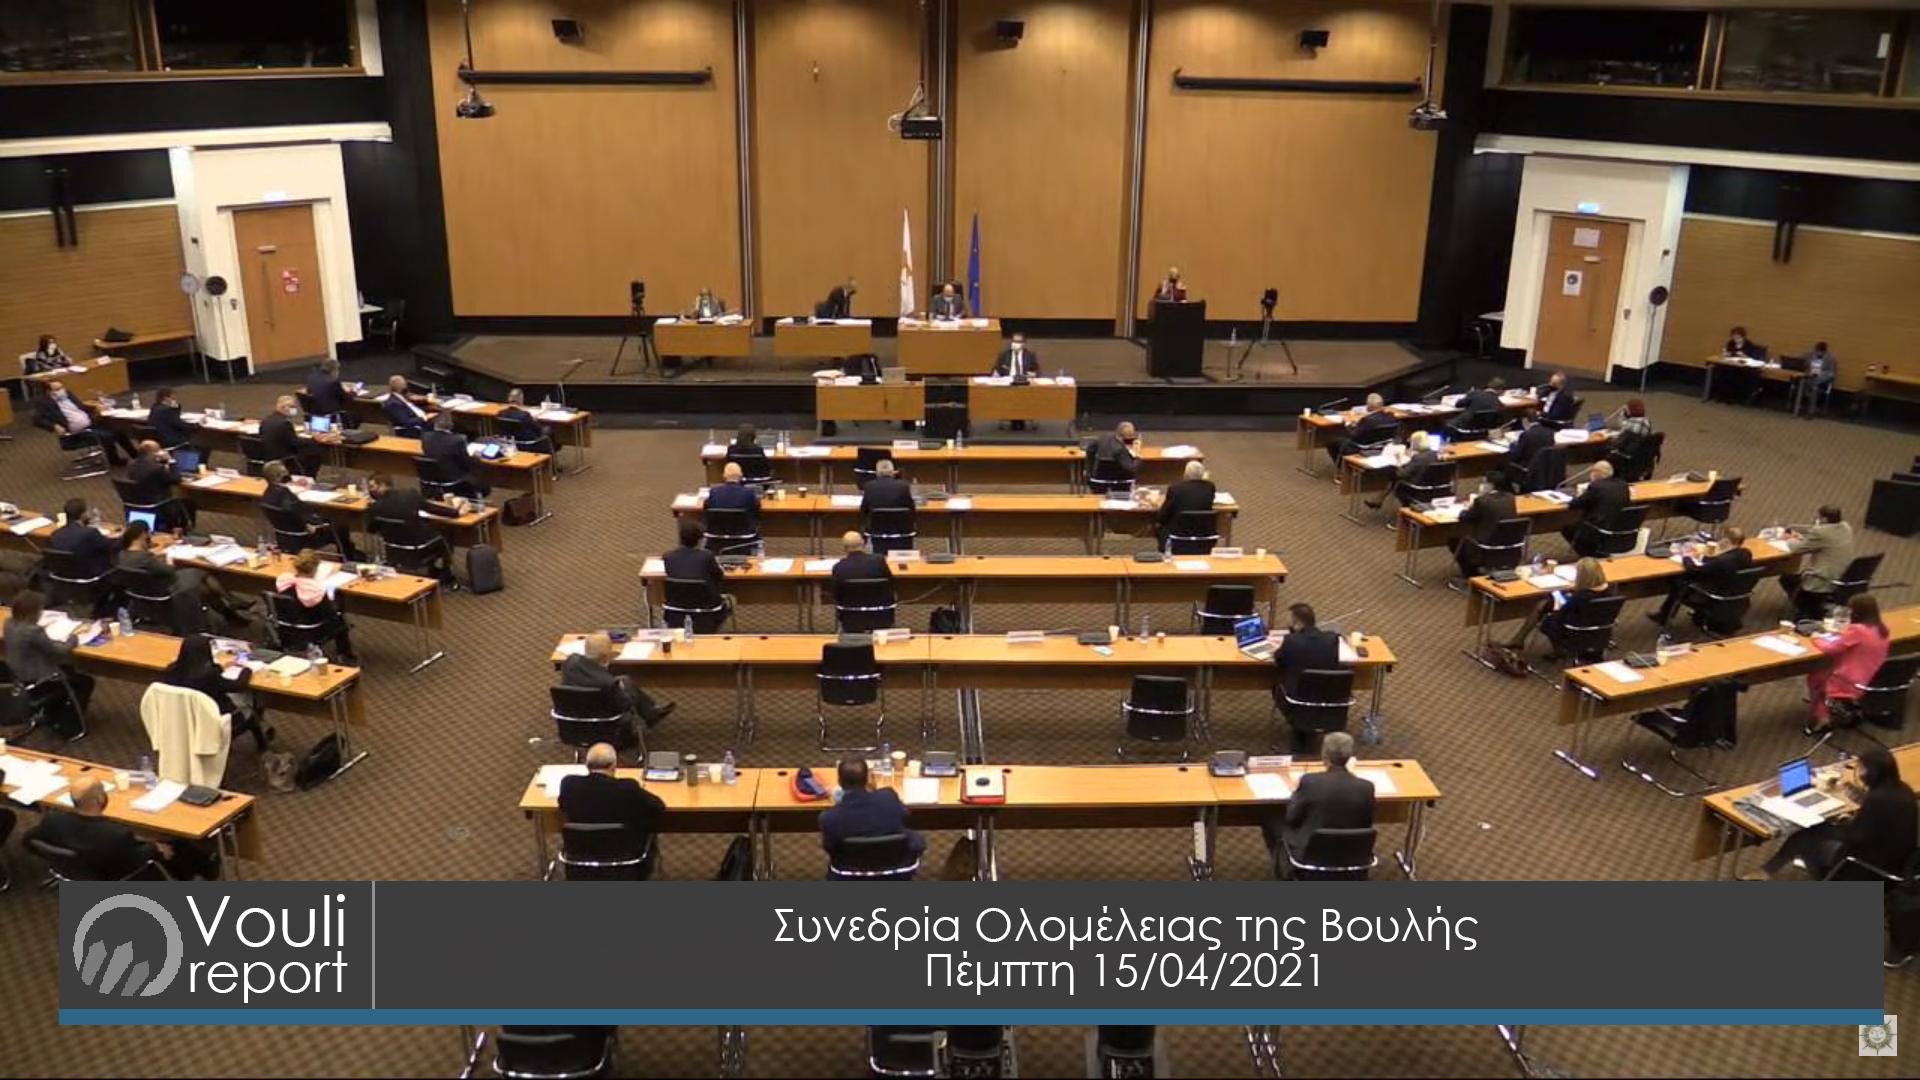 Συνεδρία Ολομέλειας της Βουλής | 15/04/2021